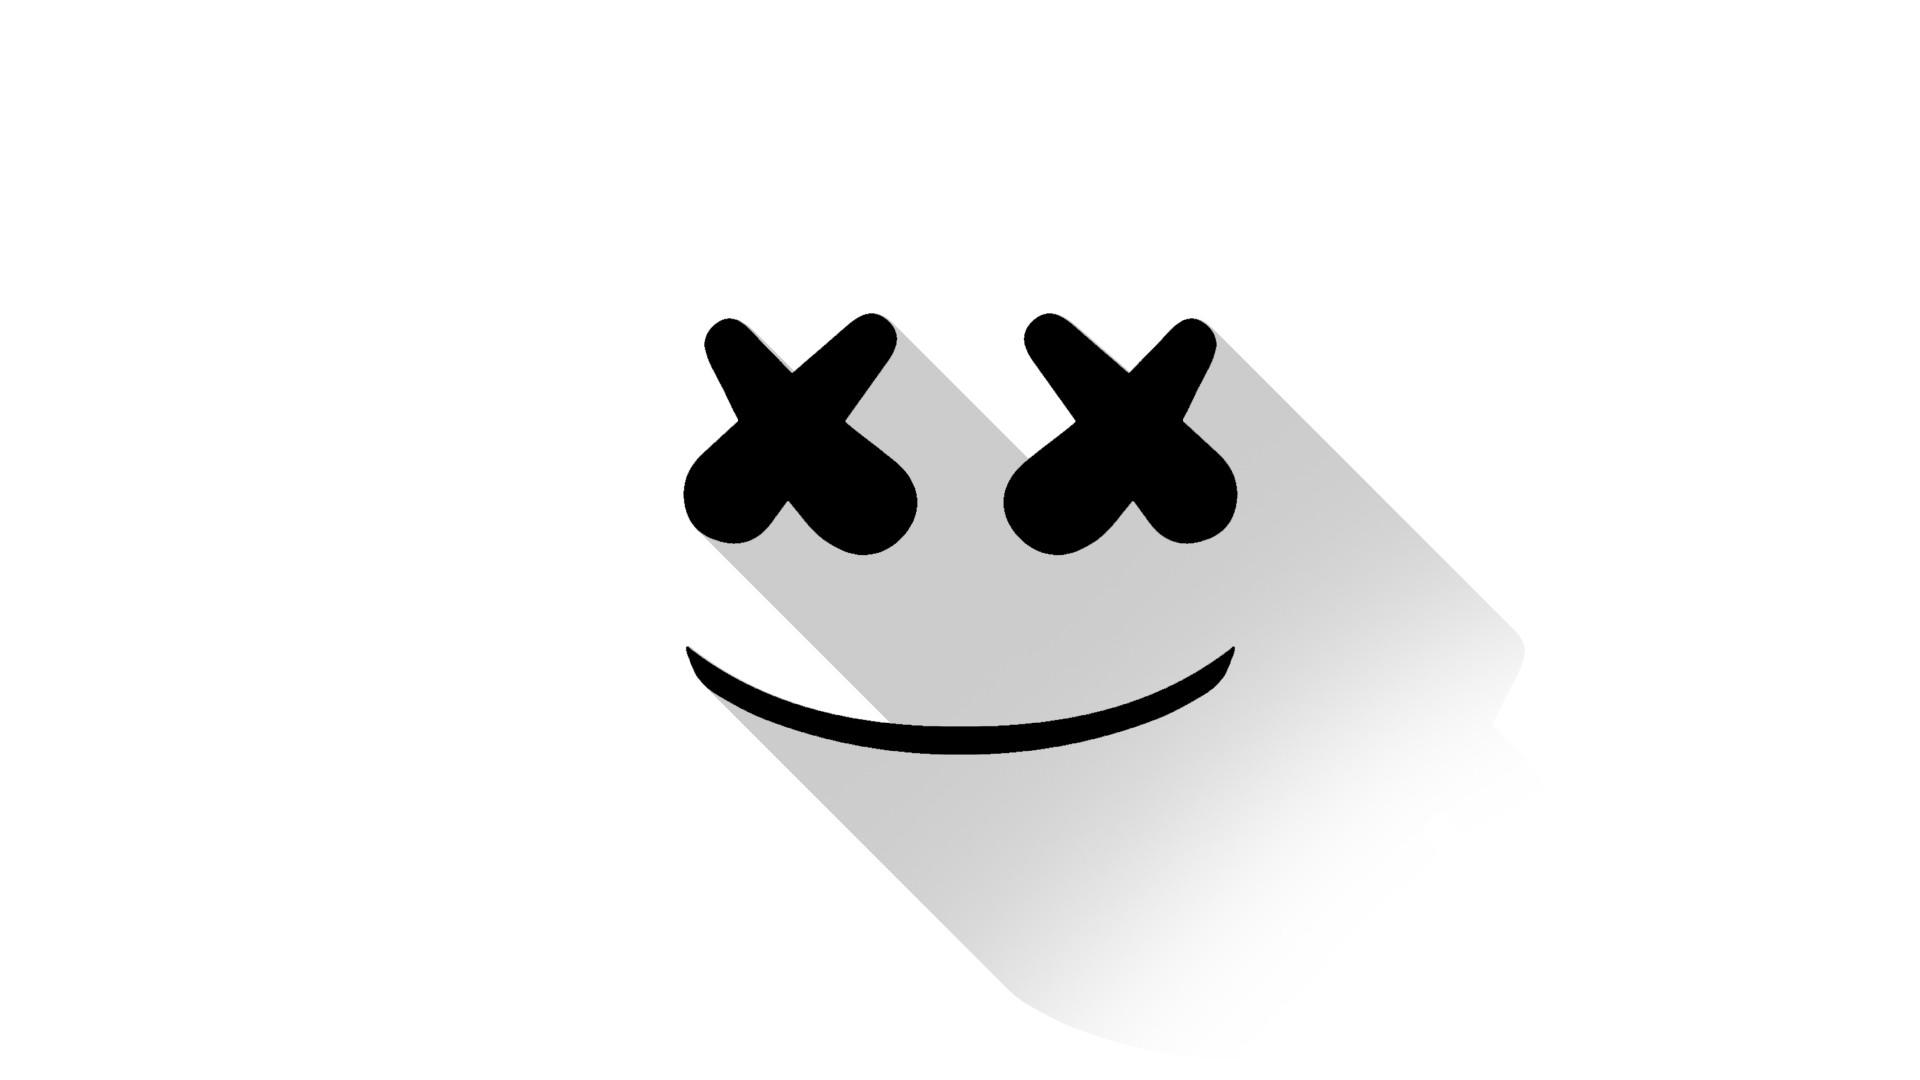 Wallpaper Ilustrasi Logo Gambar Kartun Marshmello Merek